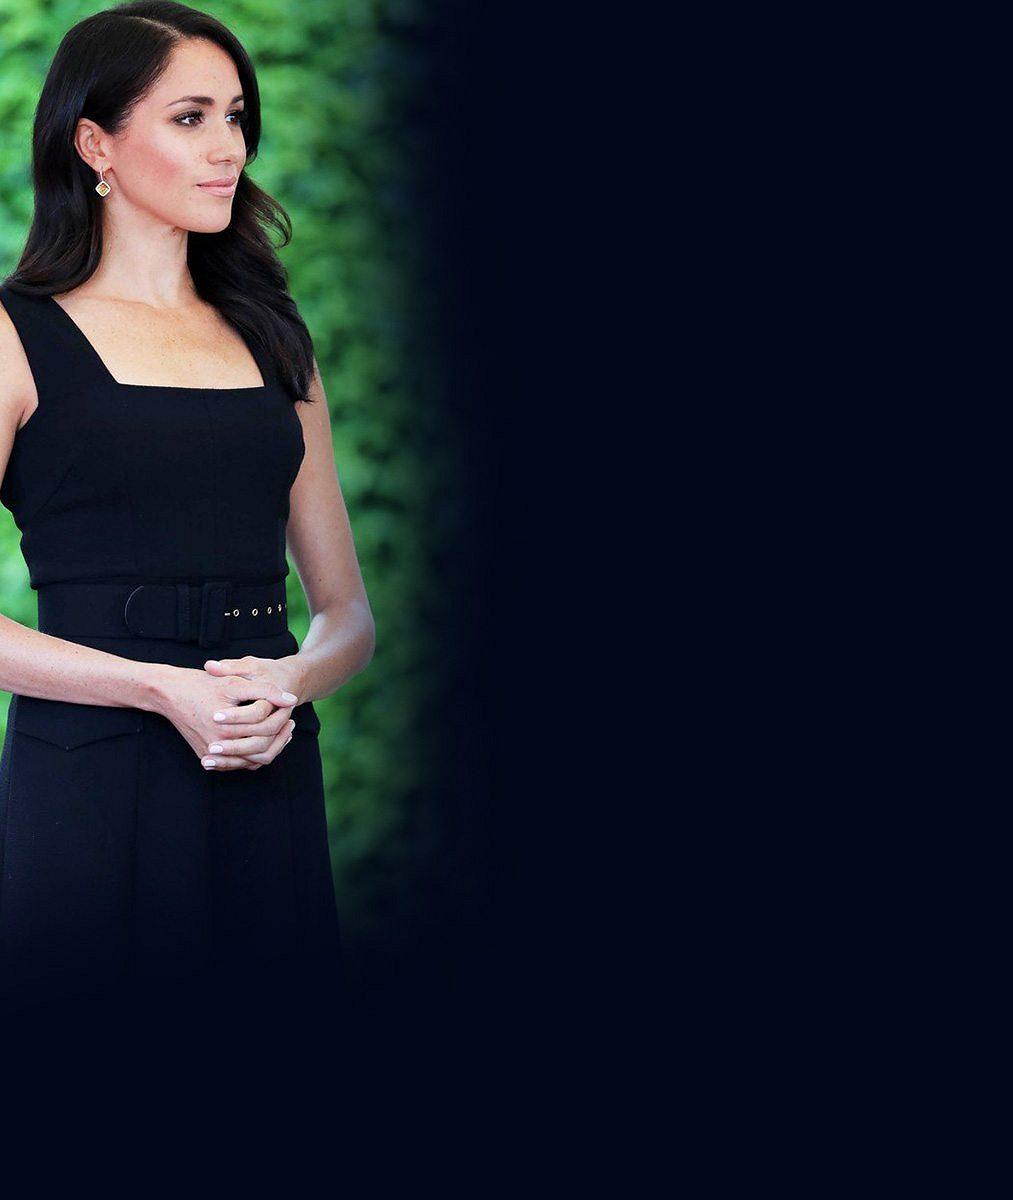 Vévodkyně Meghan na první státní návštěvě zabodovala: Vtěchto outfitech by mohla rovnou na molo